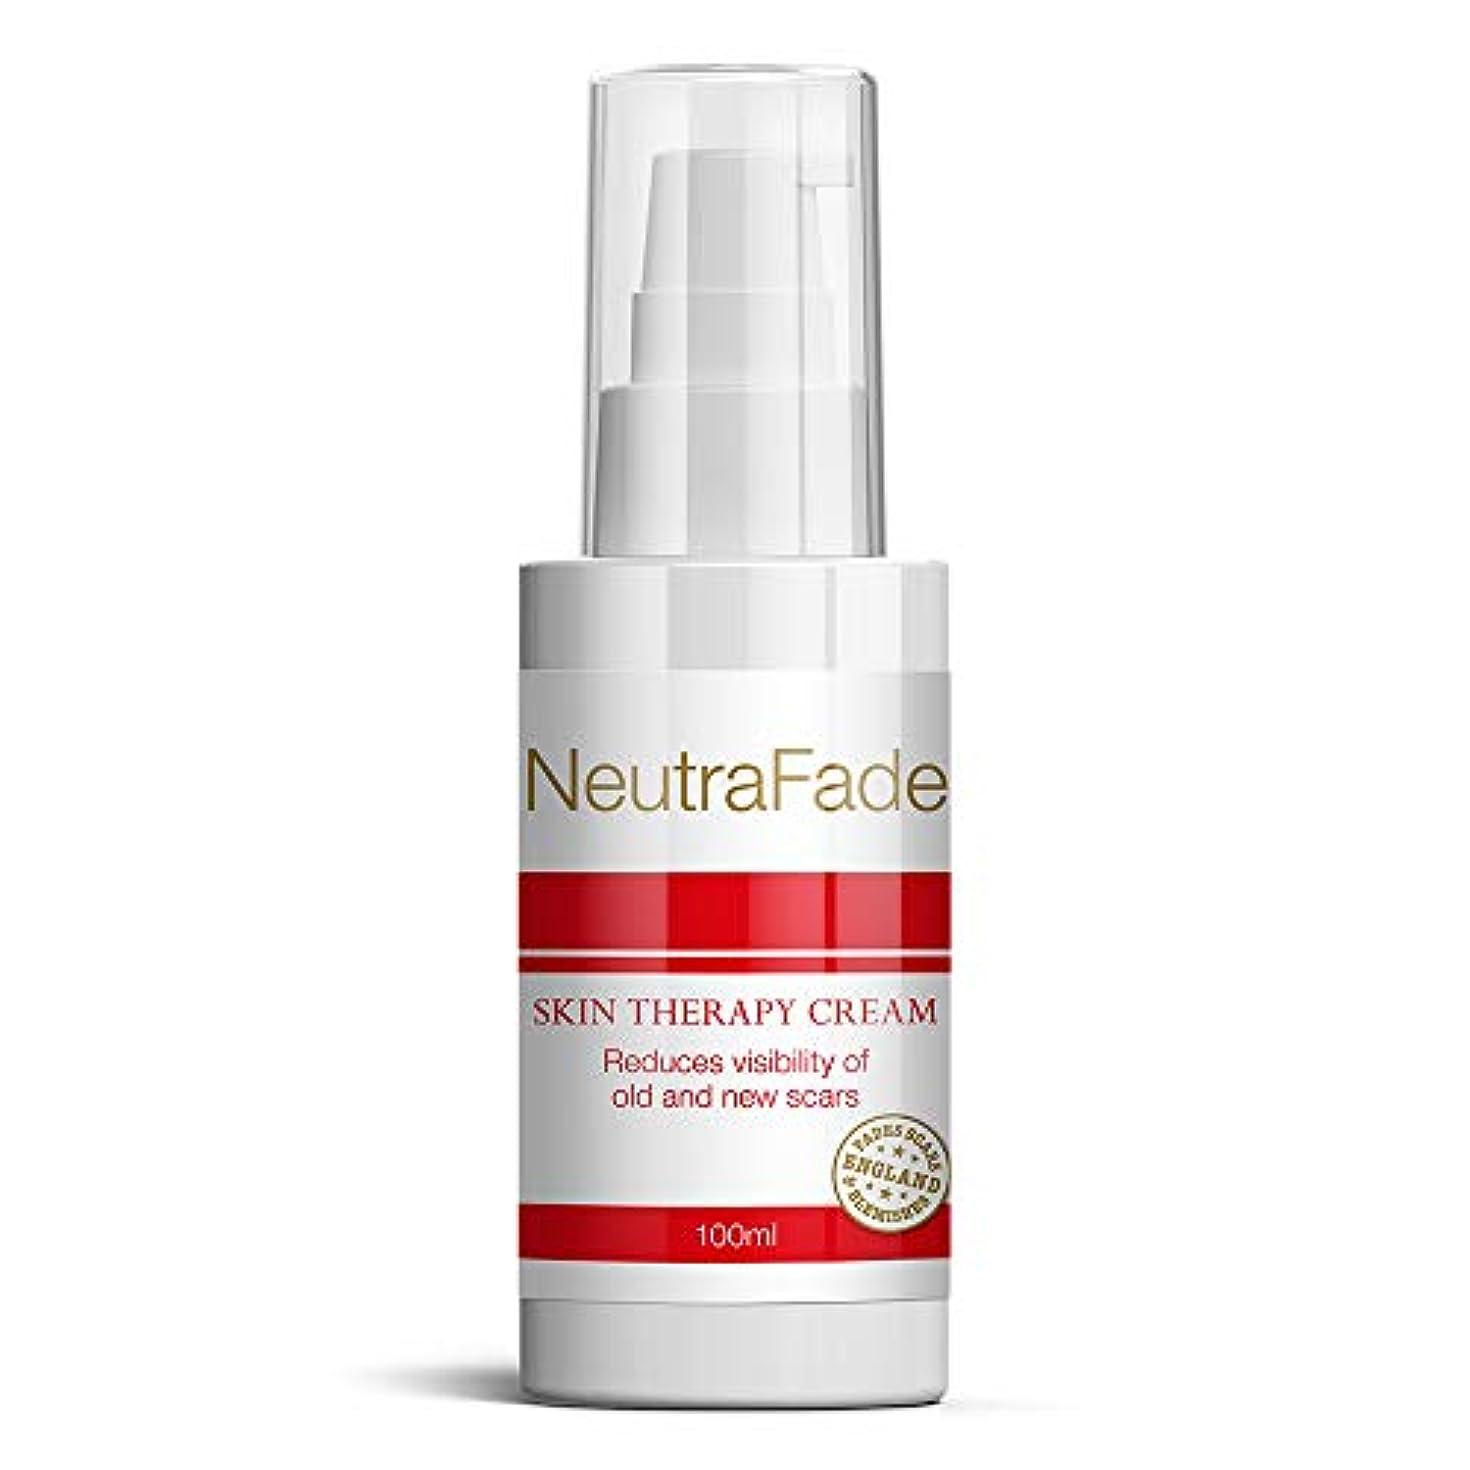 支払うシャーク運営NEUTRA FADE Cream 皮膚治療クリームはSCARの可視性を低減 NEUTRA feido hifu chiryō kurīmu wa sukā no kashi-sei o teigen